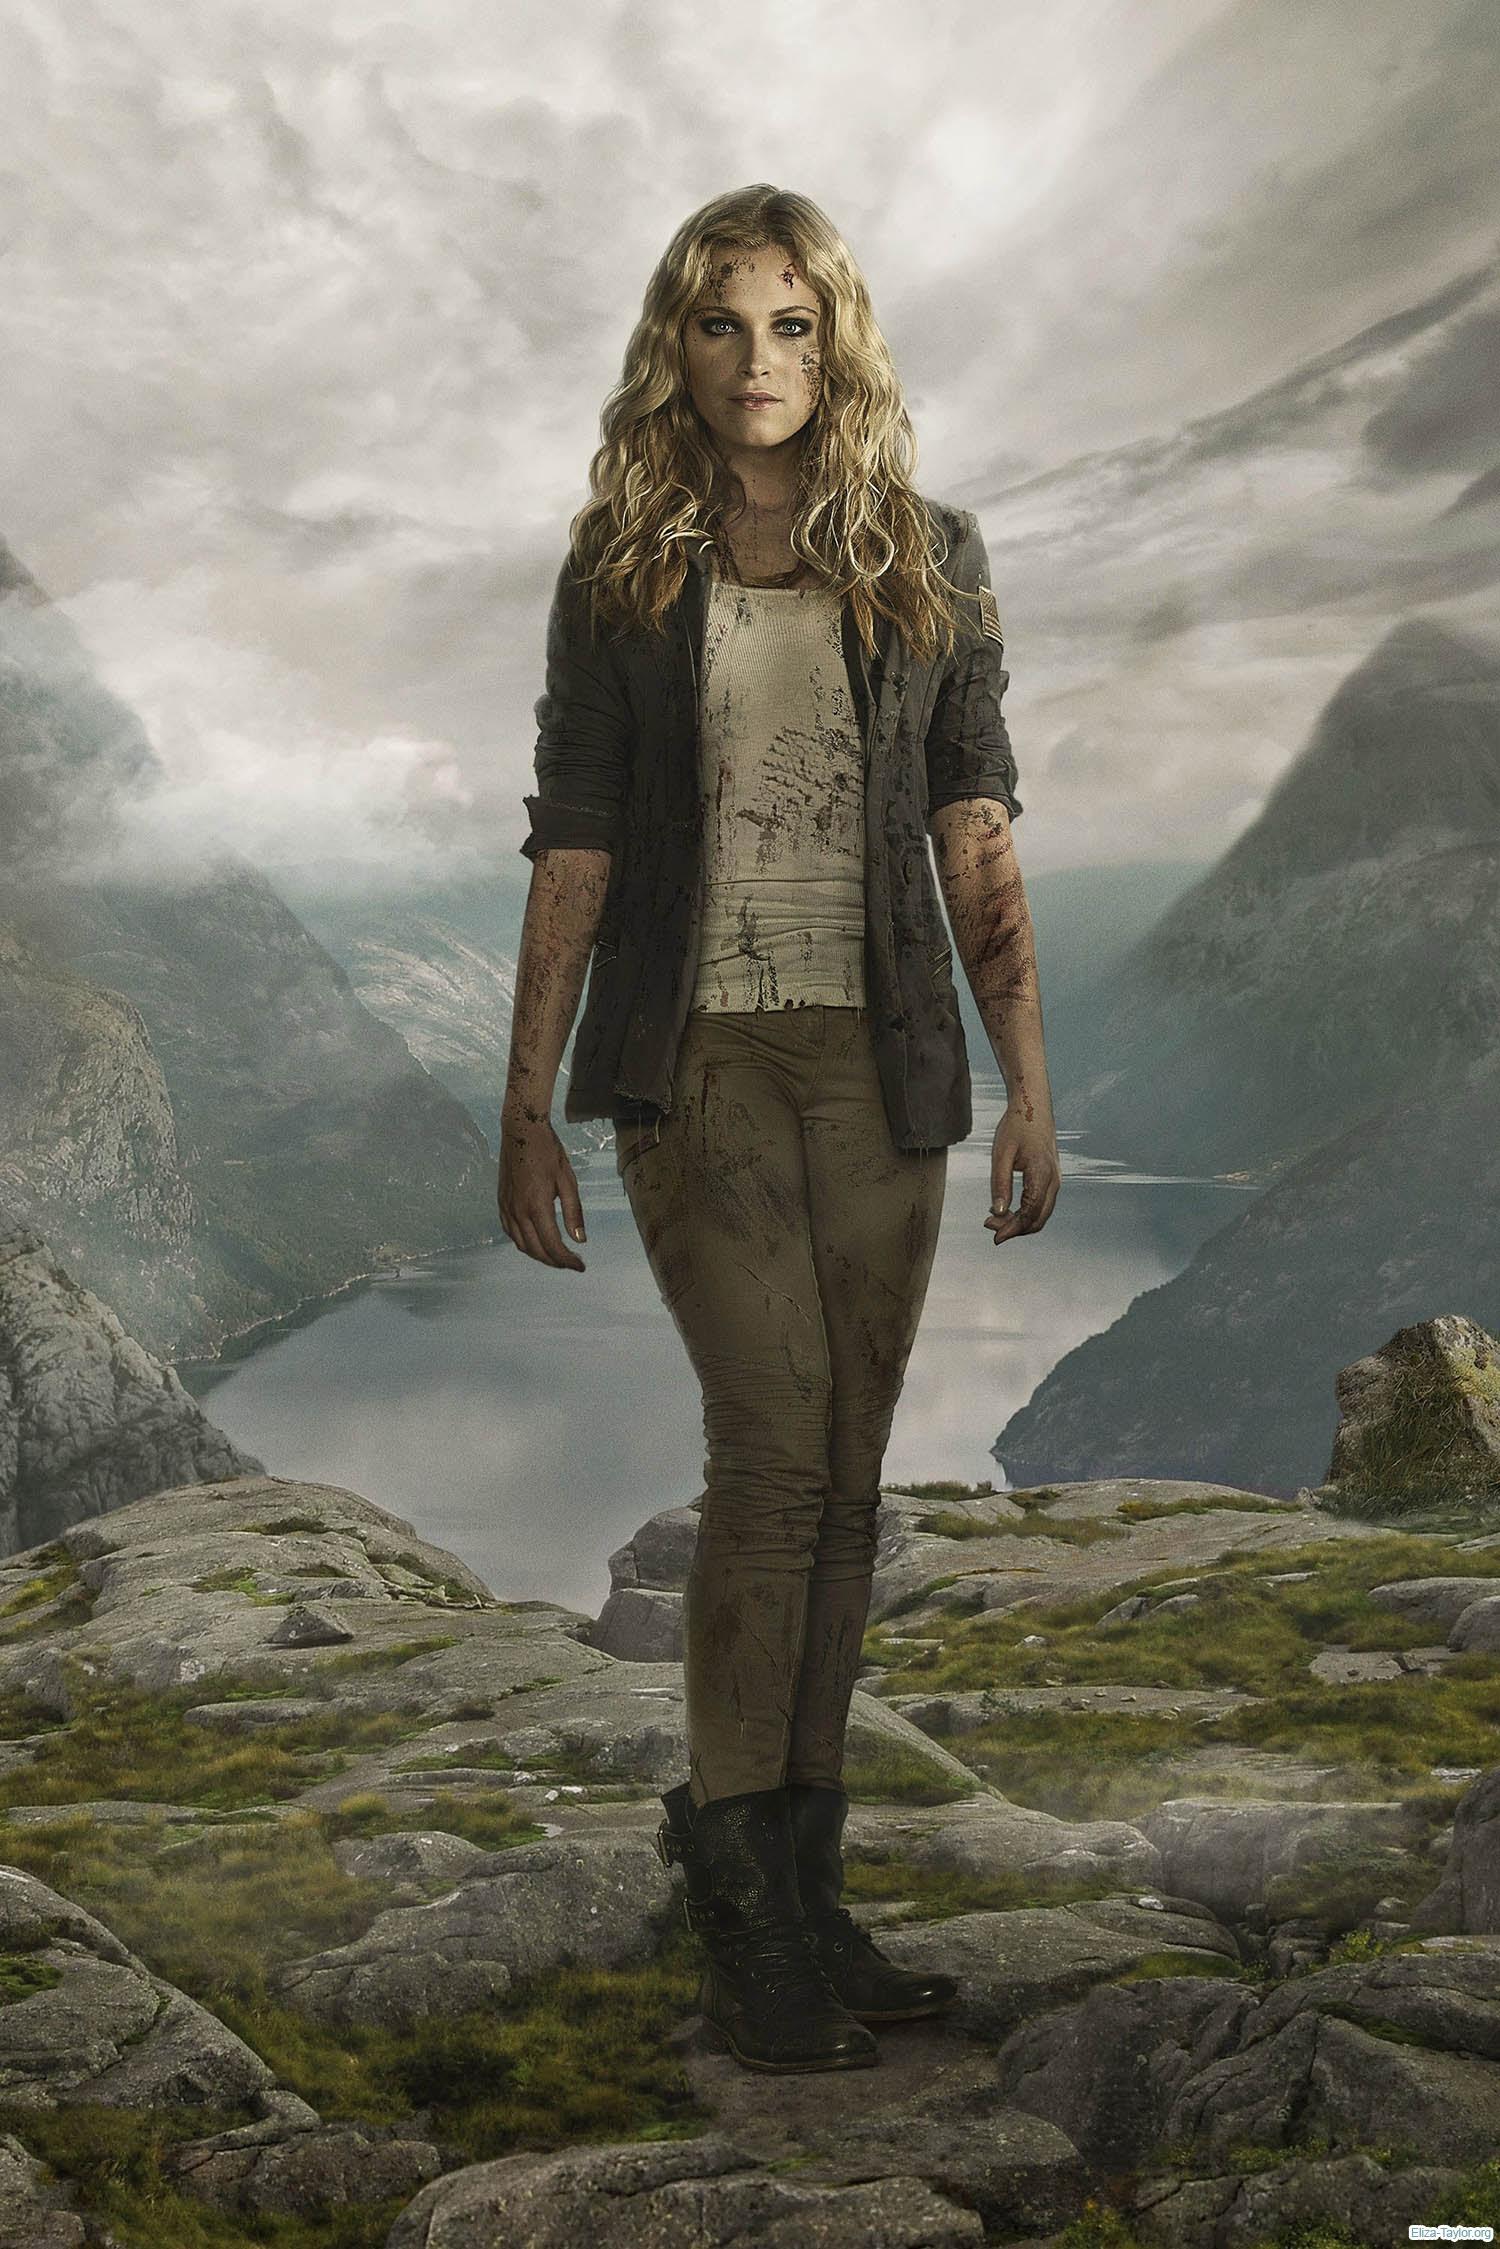 Clarke Season 2 The 100 Wallpaper 39451875 Fanpop